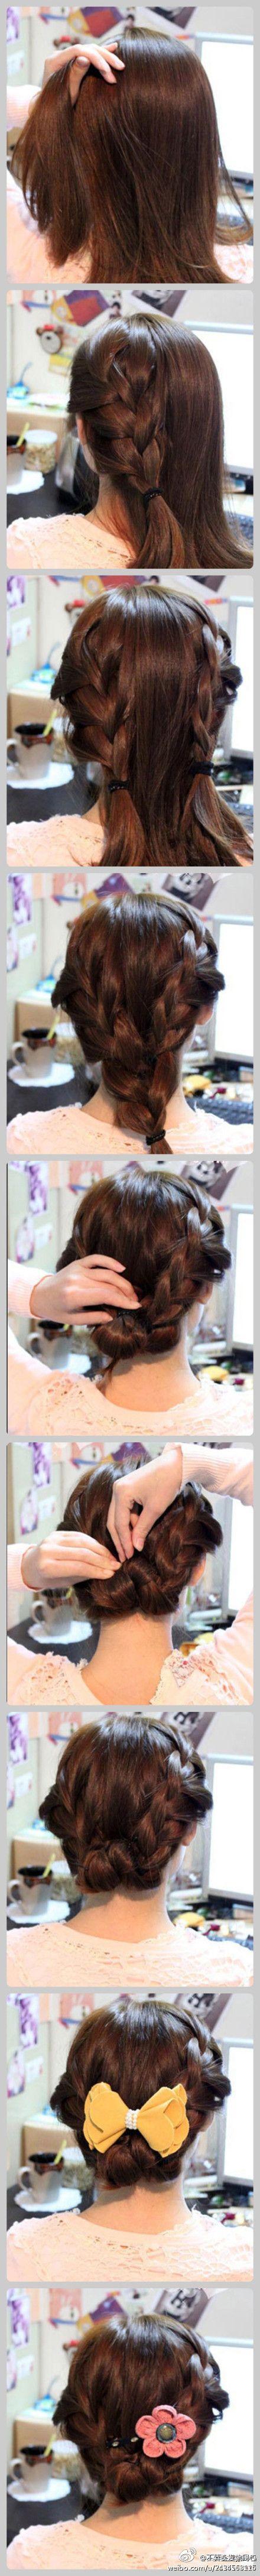 9 ideas de peinados para eventos y tutoriales, Â¡no te lo pierdas!